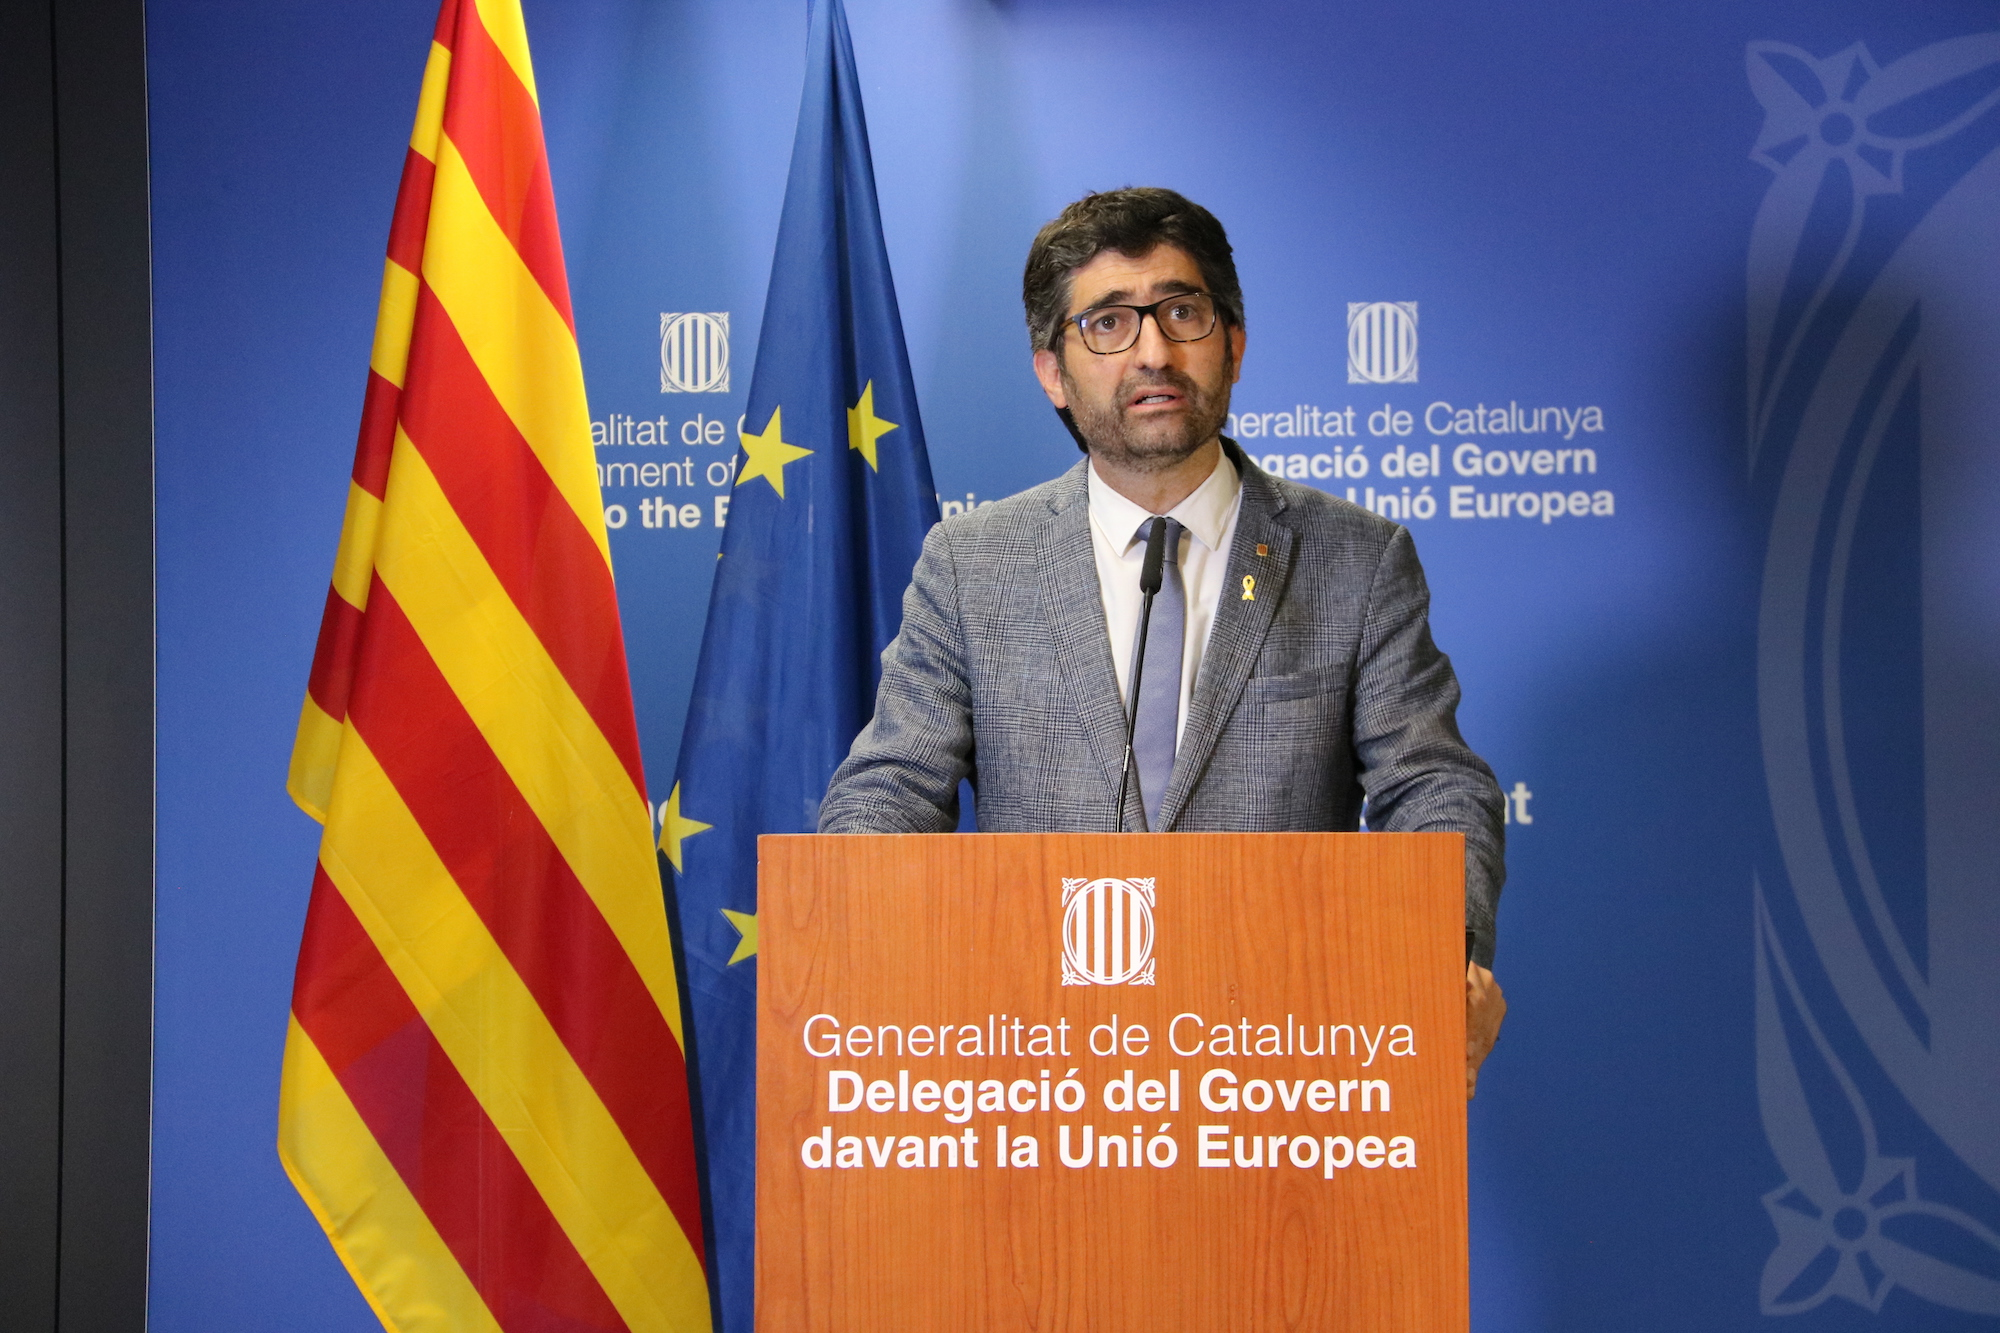 El vicepresident Jordi Puigneró durant la compareixença després de la votació de l'informe del Consell d'Europa el 21 de juny del 2021 / ACN